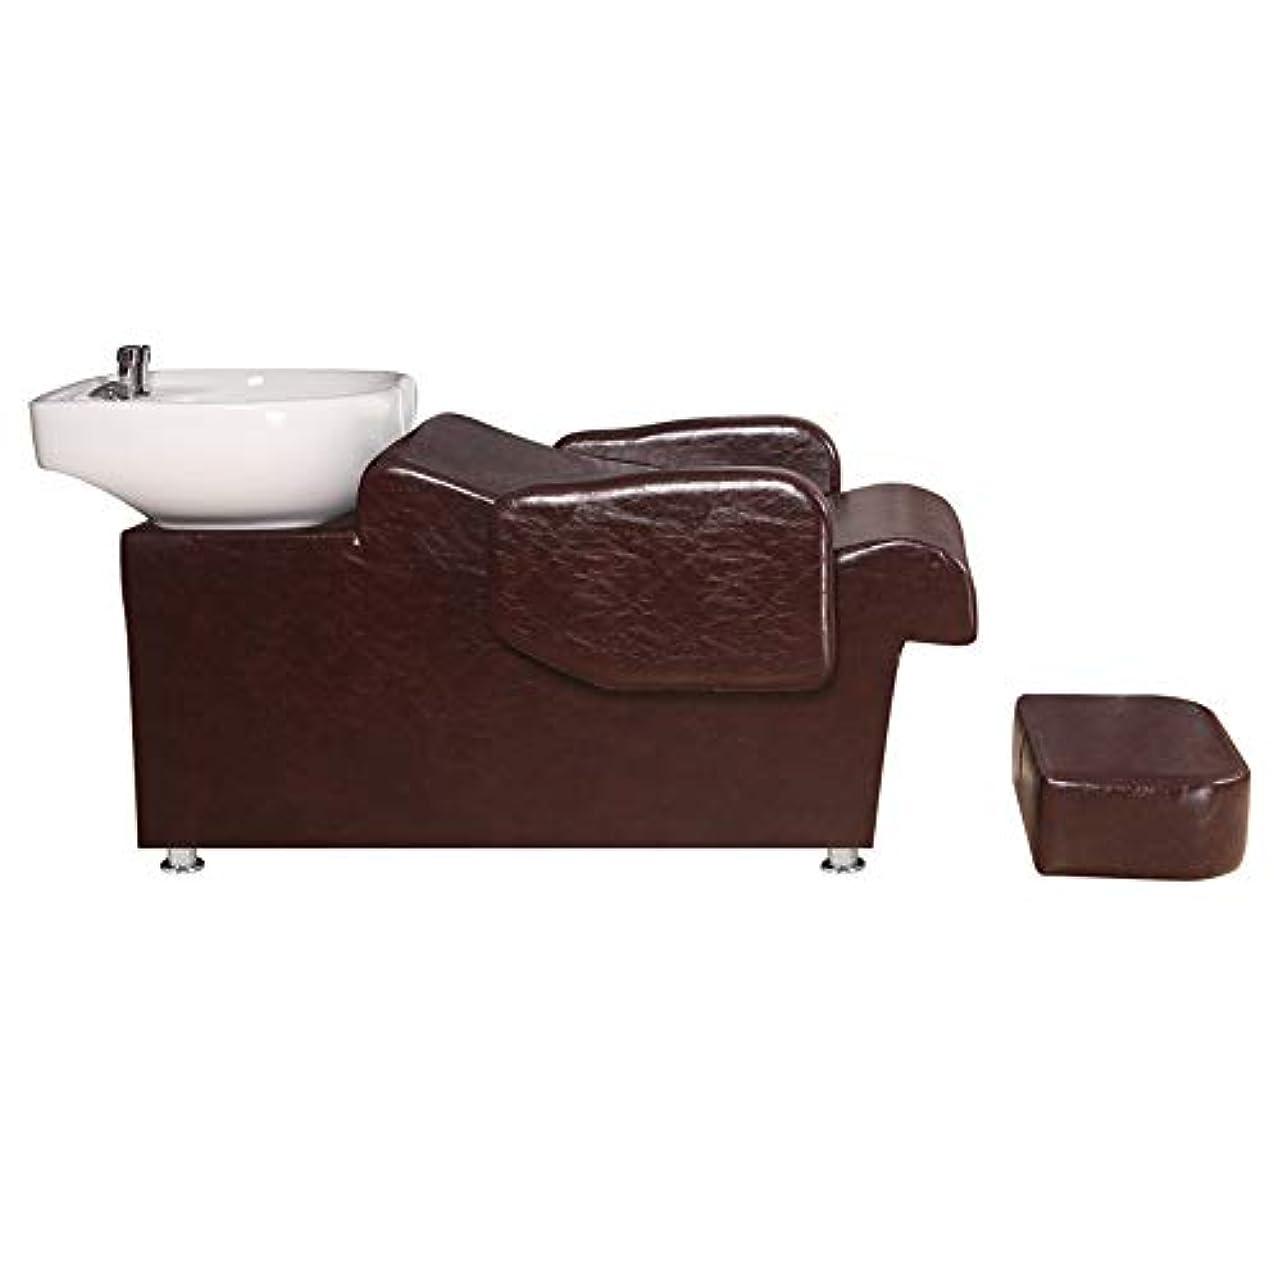 保険グラマーメッセンジャーシャンプーの理髪師の逆洗の椅子、鉱泉の美容院のためのシャンプーボールの流しの椅子半横たわっている鉱泉の美容院装置